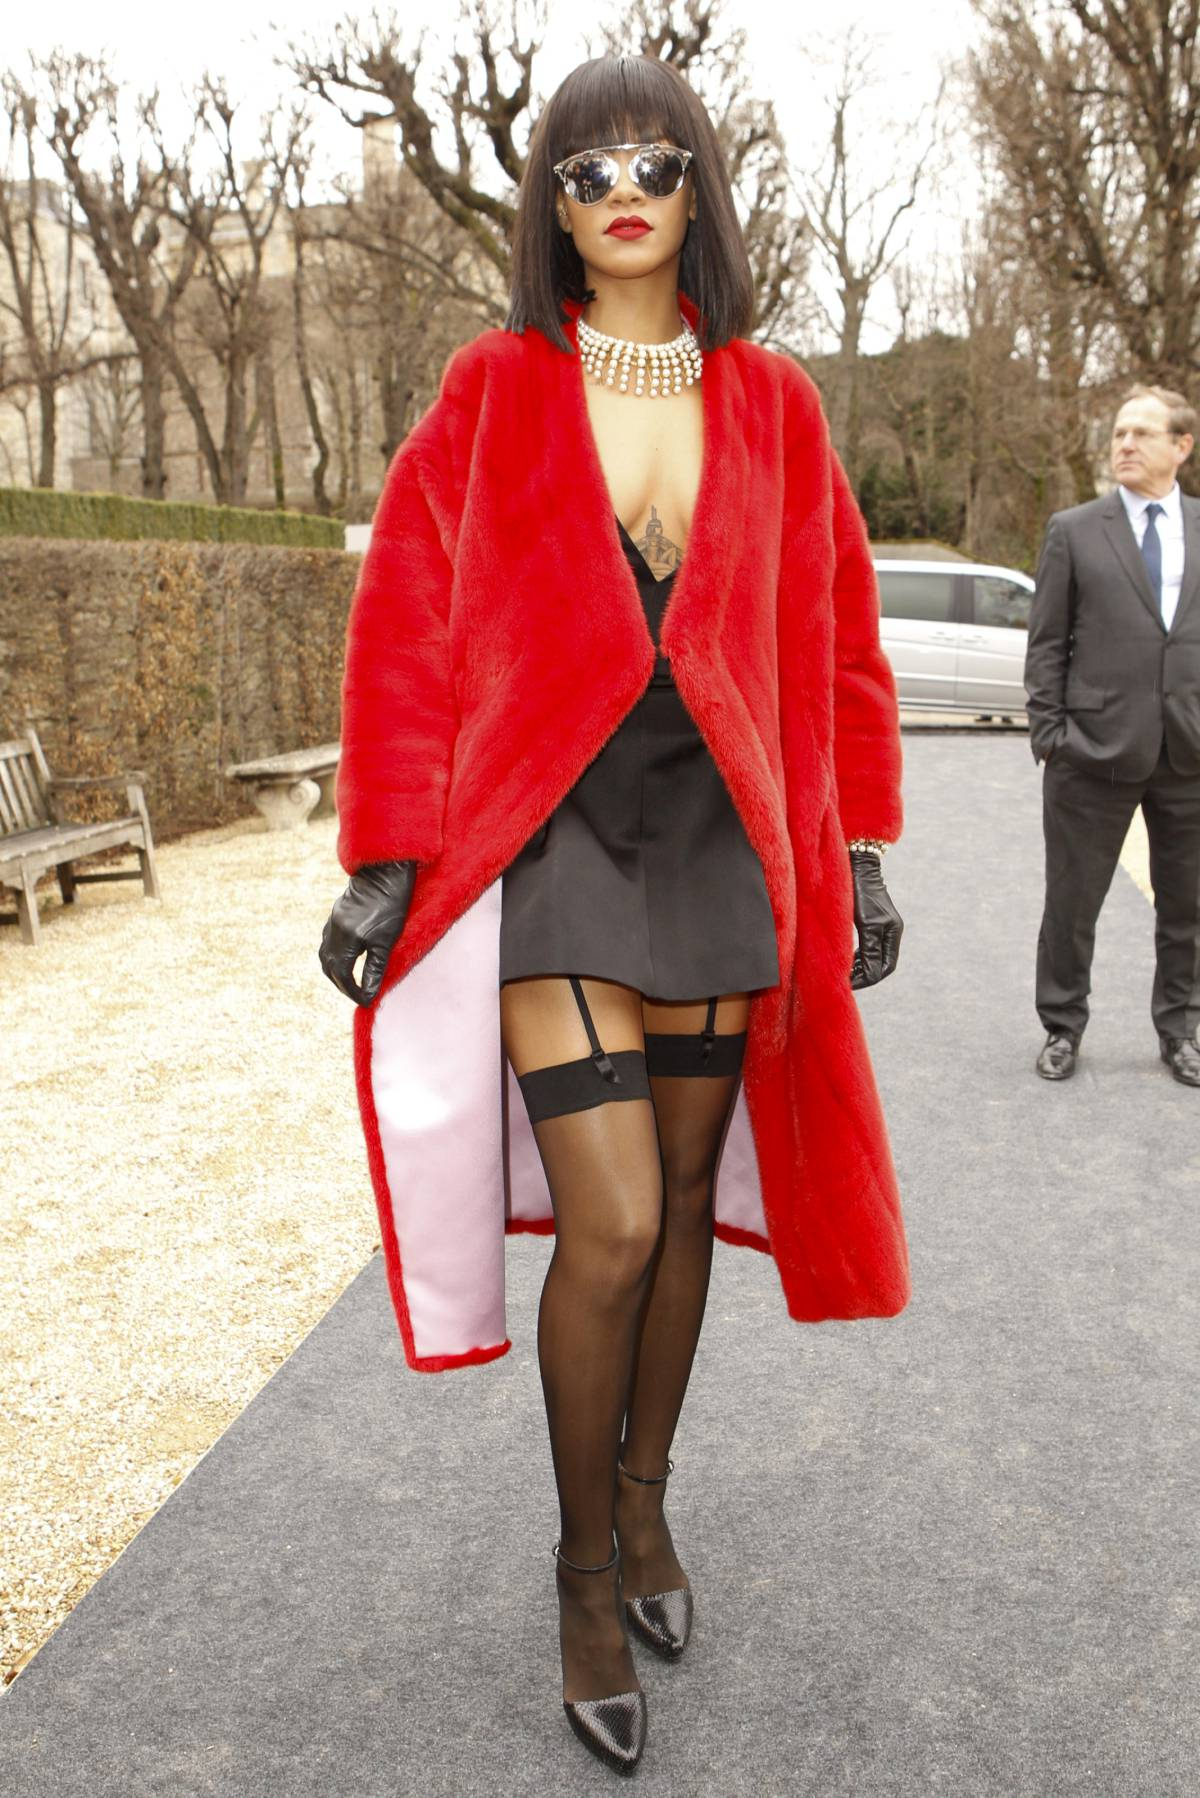 Рианна прилетела на показ Dior в красной норке, чулках и декольте